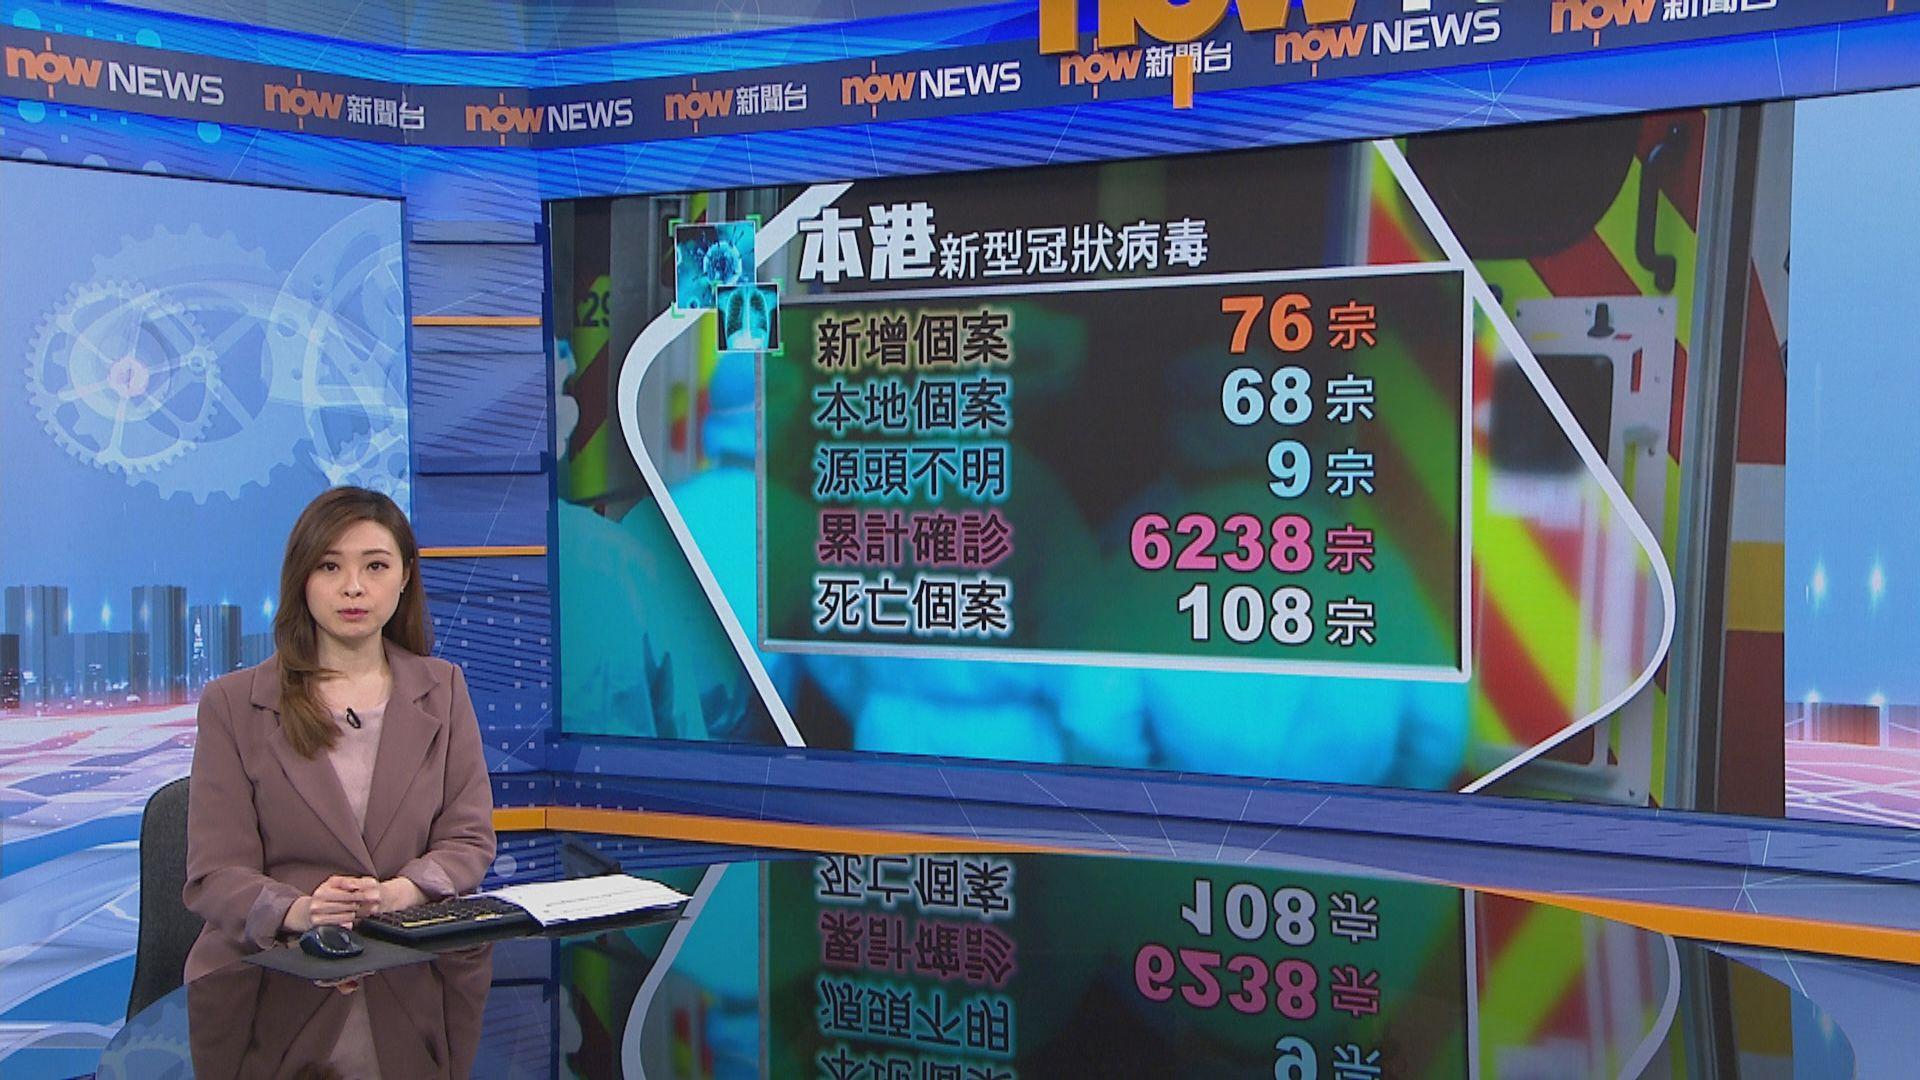 本港新增76宗確診 68宗屬本地9人感染源頭不明